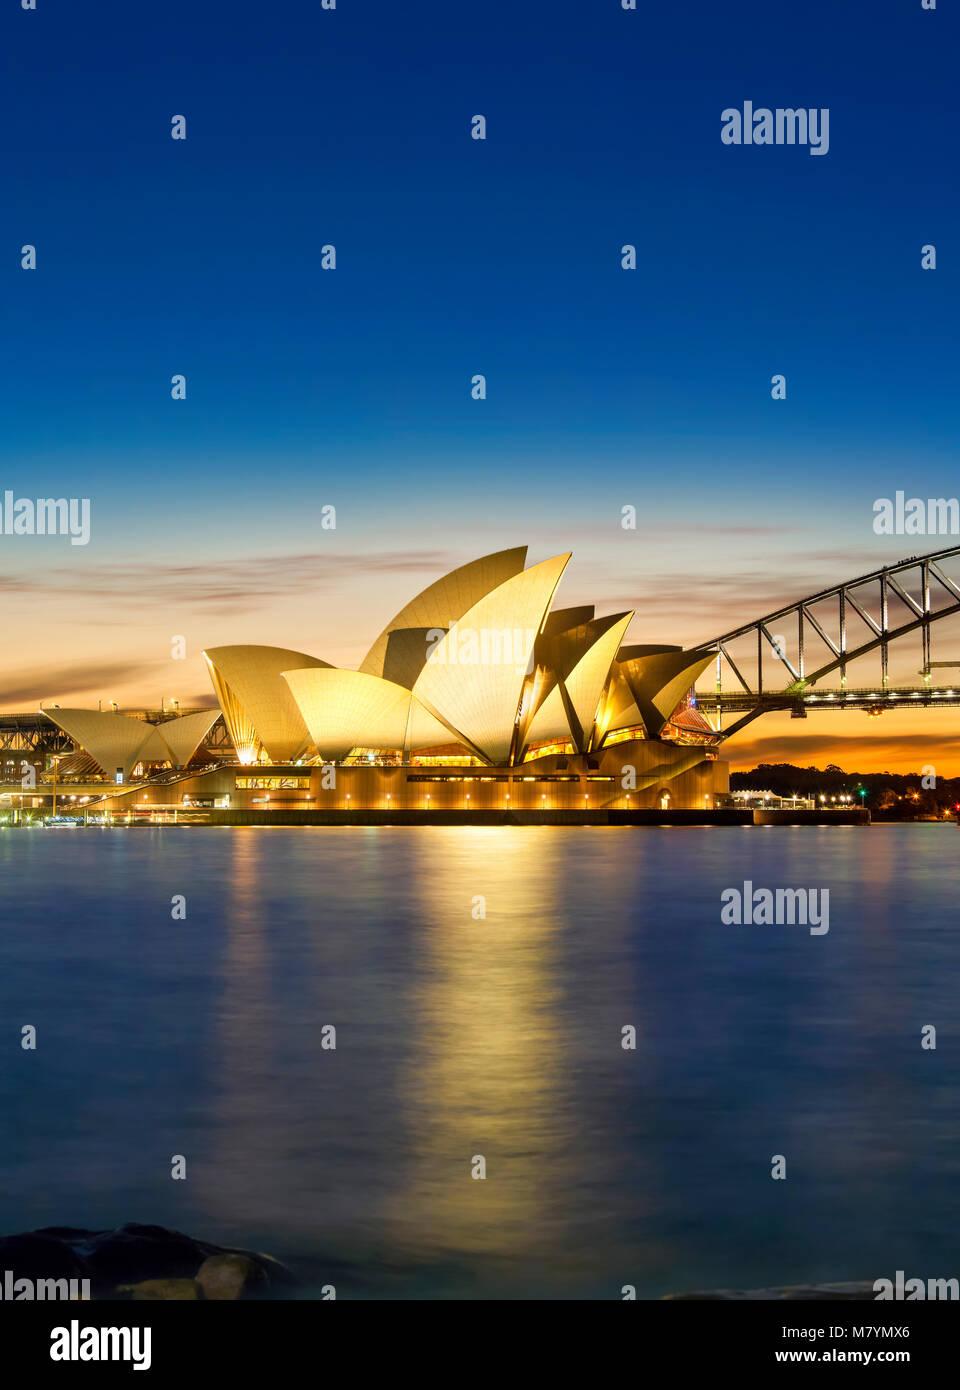 Ópera de Sydney con el Puente del Puerto de Sydney, Sydney Harbour Bridge at Sunset Sydney Australia y Nueva Gales del Sur. Foto de stock